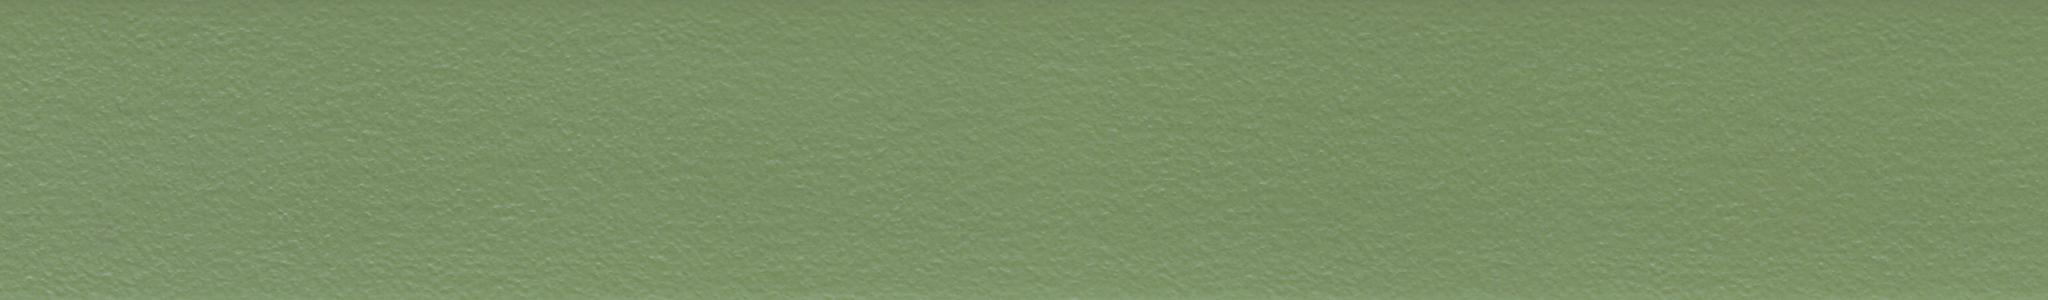 HU 160665 кромка ABS зеленая жемчуг тонкая структура 107